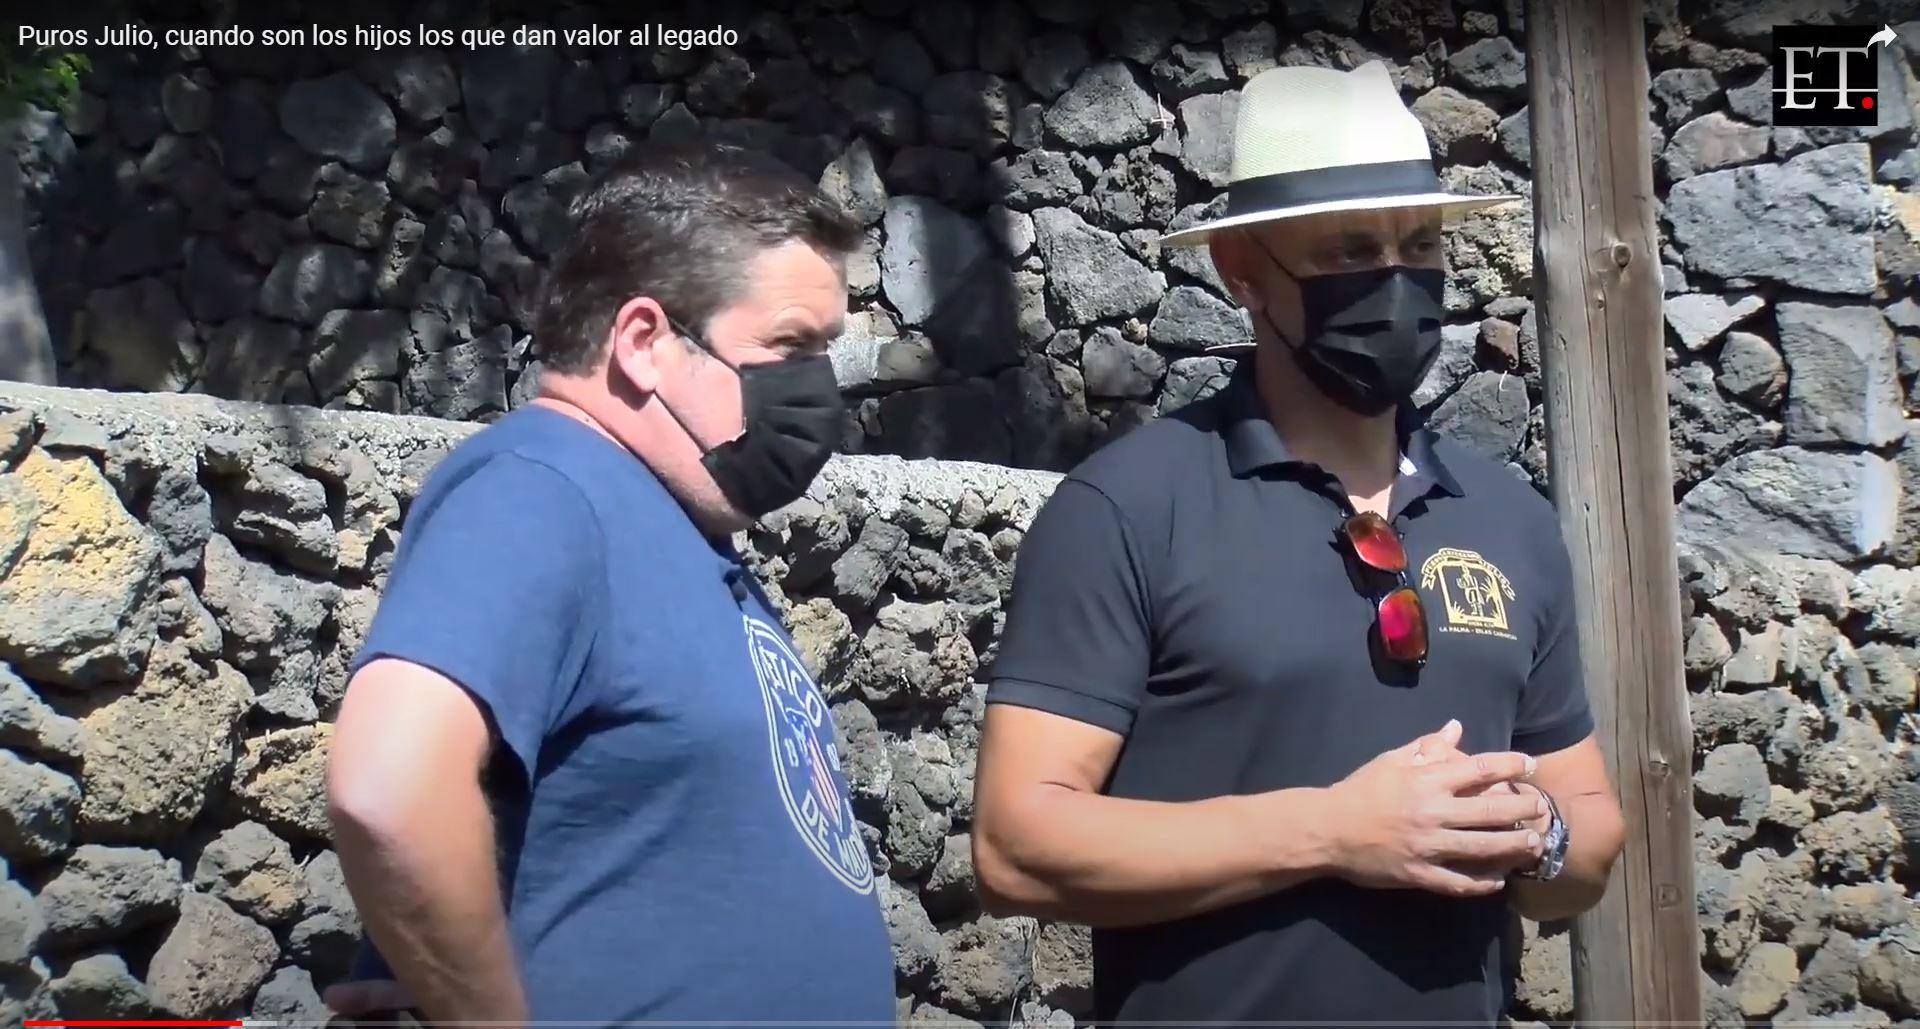 """Reportaje ElTime.es · """"Puros Julio, cuando son los hijos los que dan valor al legado"""""""